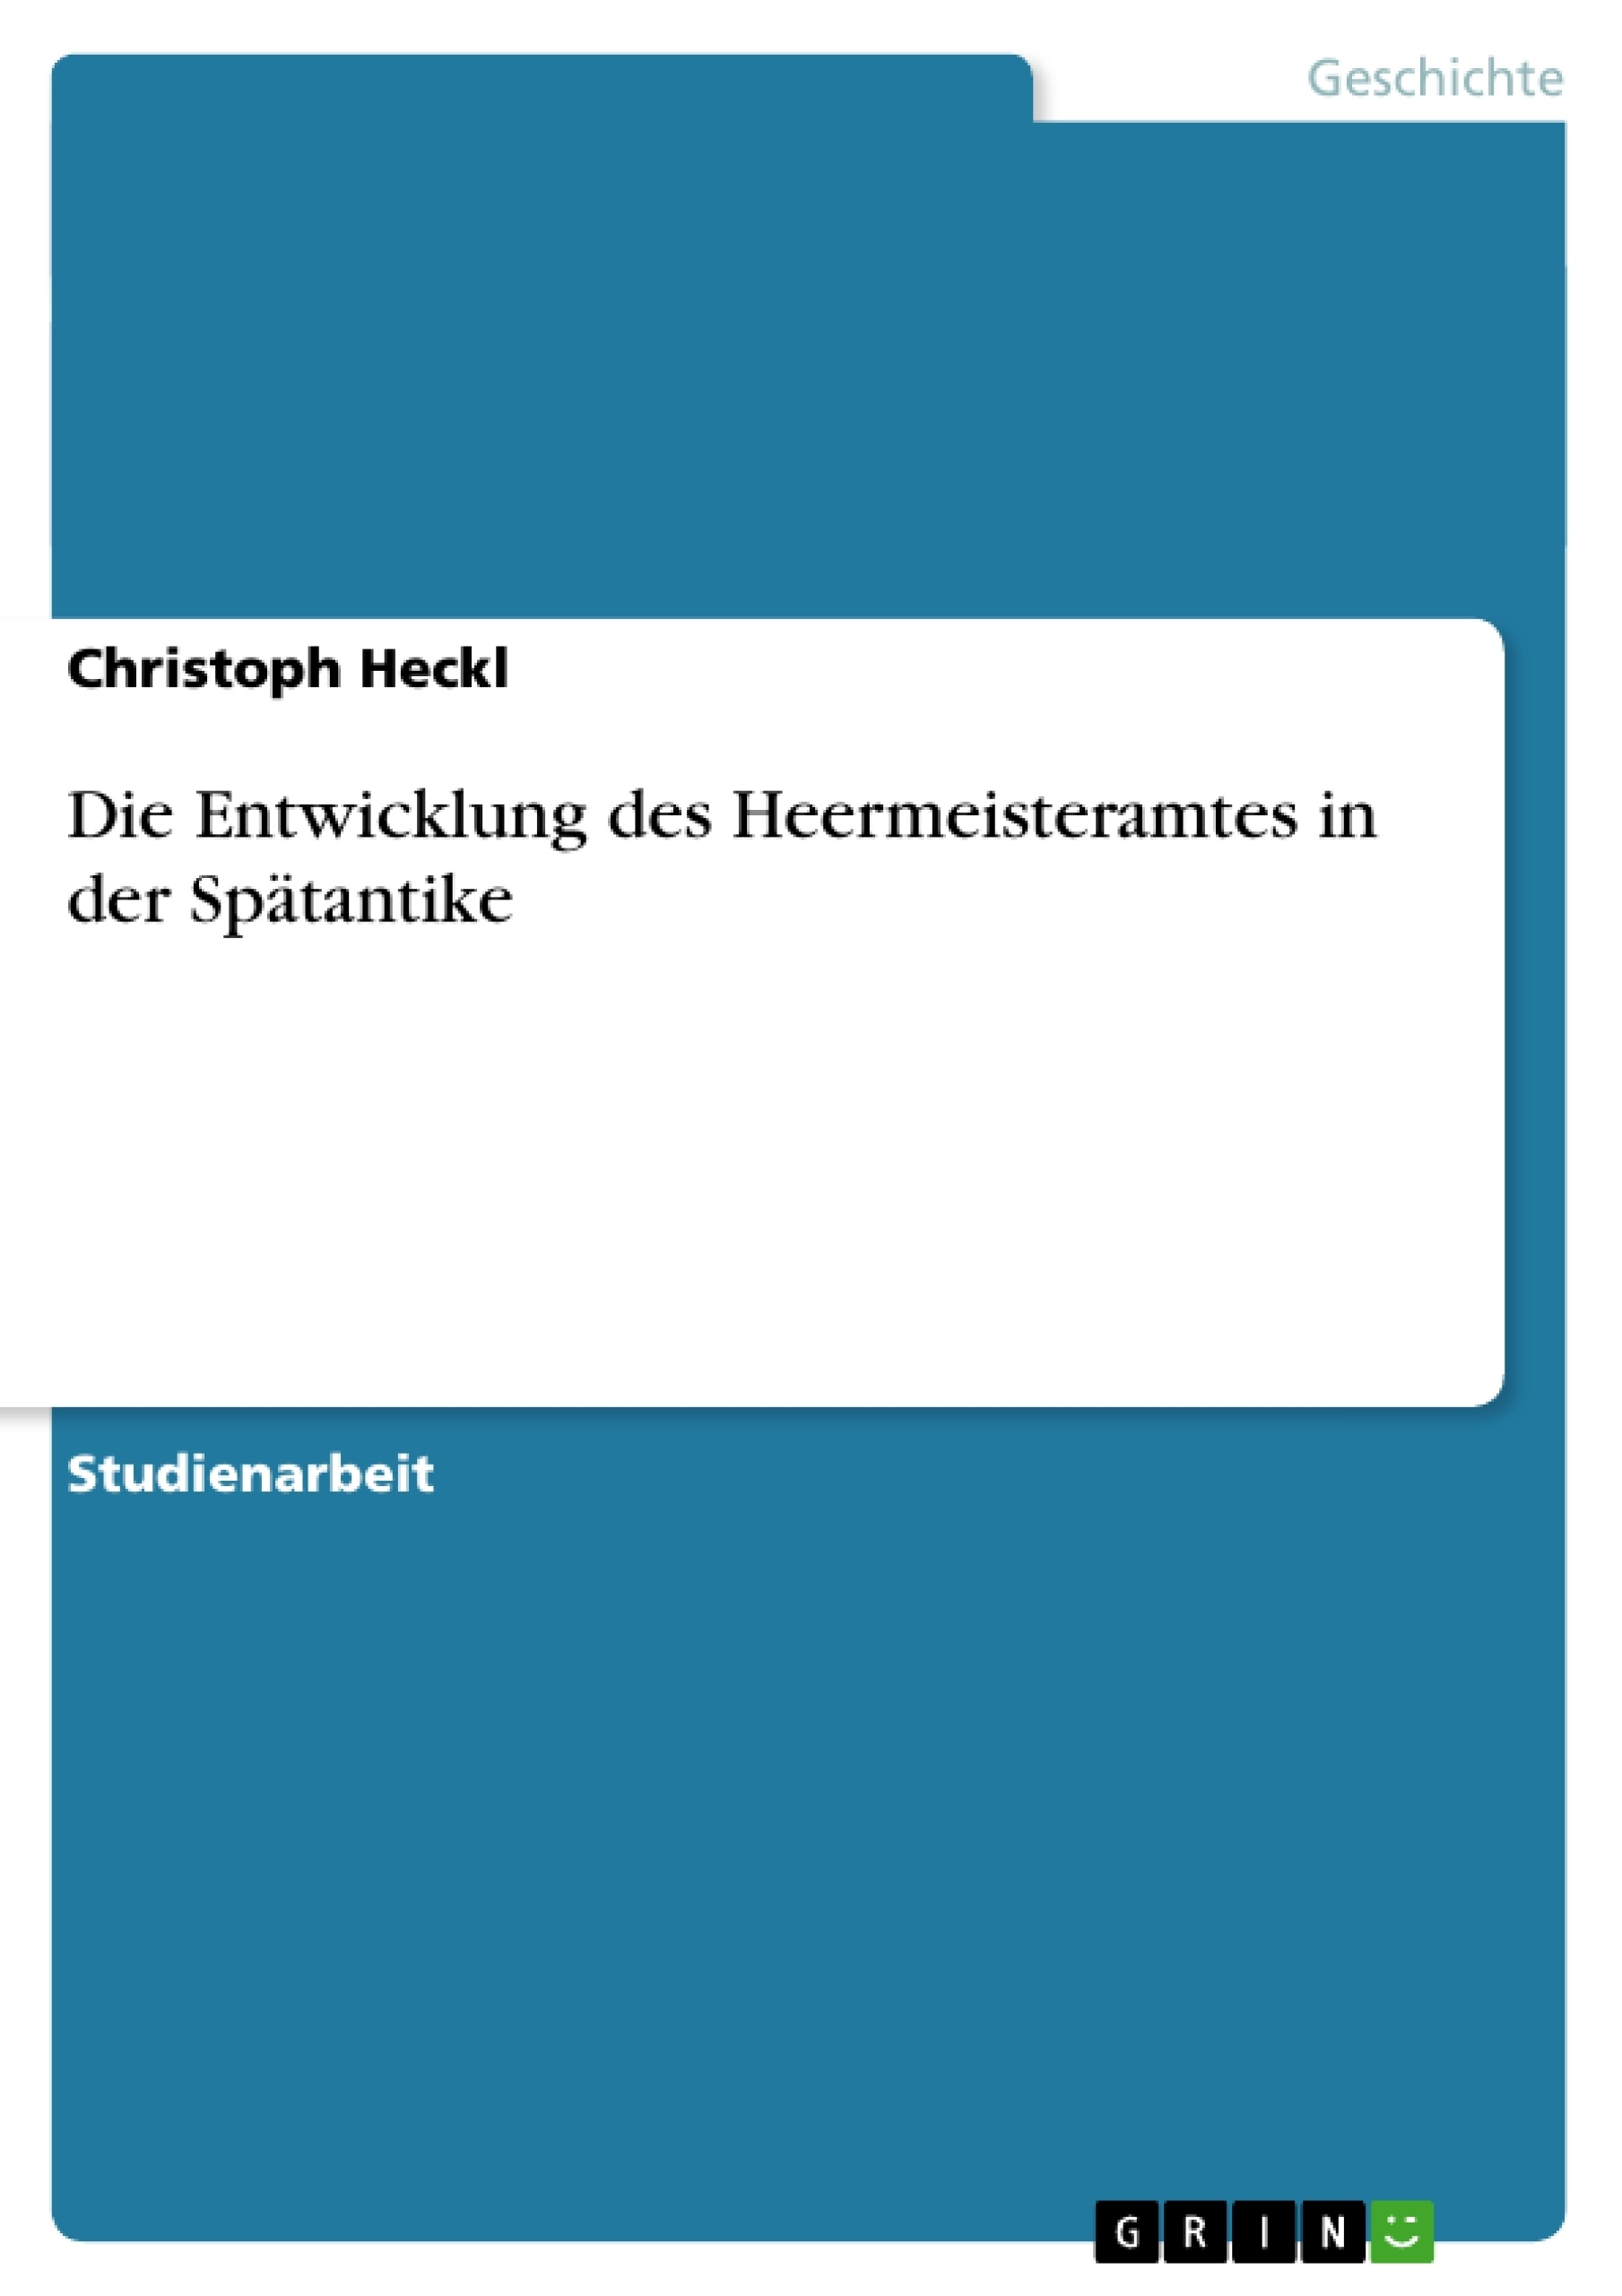 Titel: Die Entwicklung des Heermeisteramtes in der Spätantike